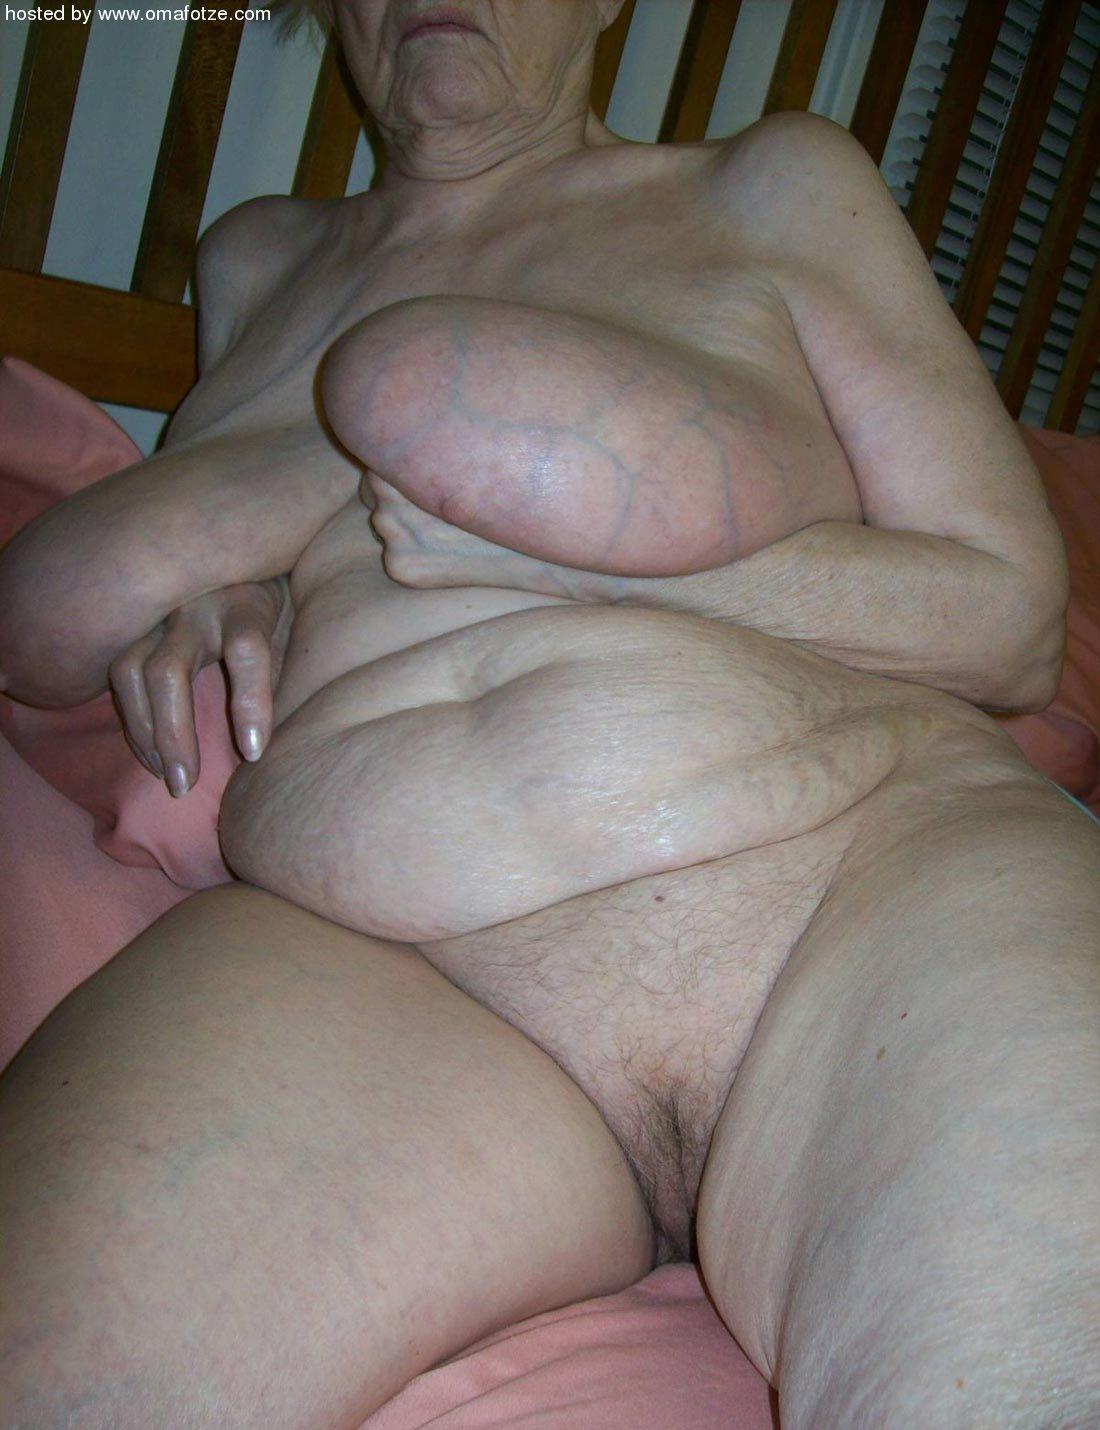 Granny pics blogspot